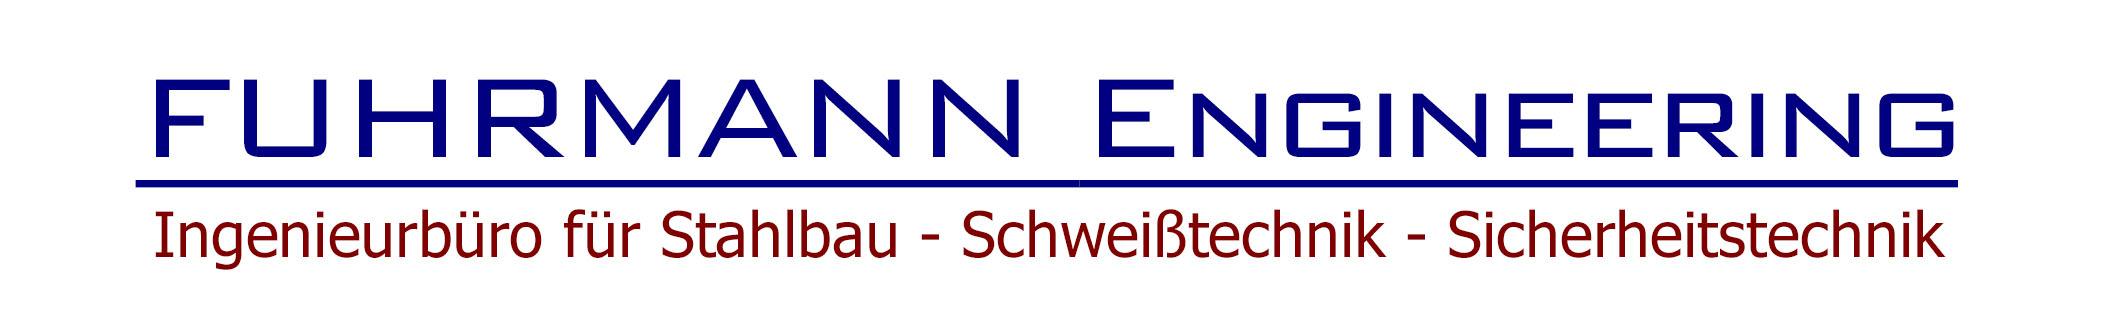 FUHRMANN ENGINEERING Logo